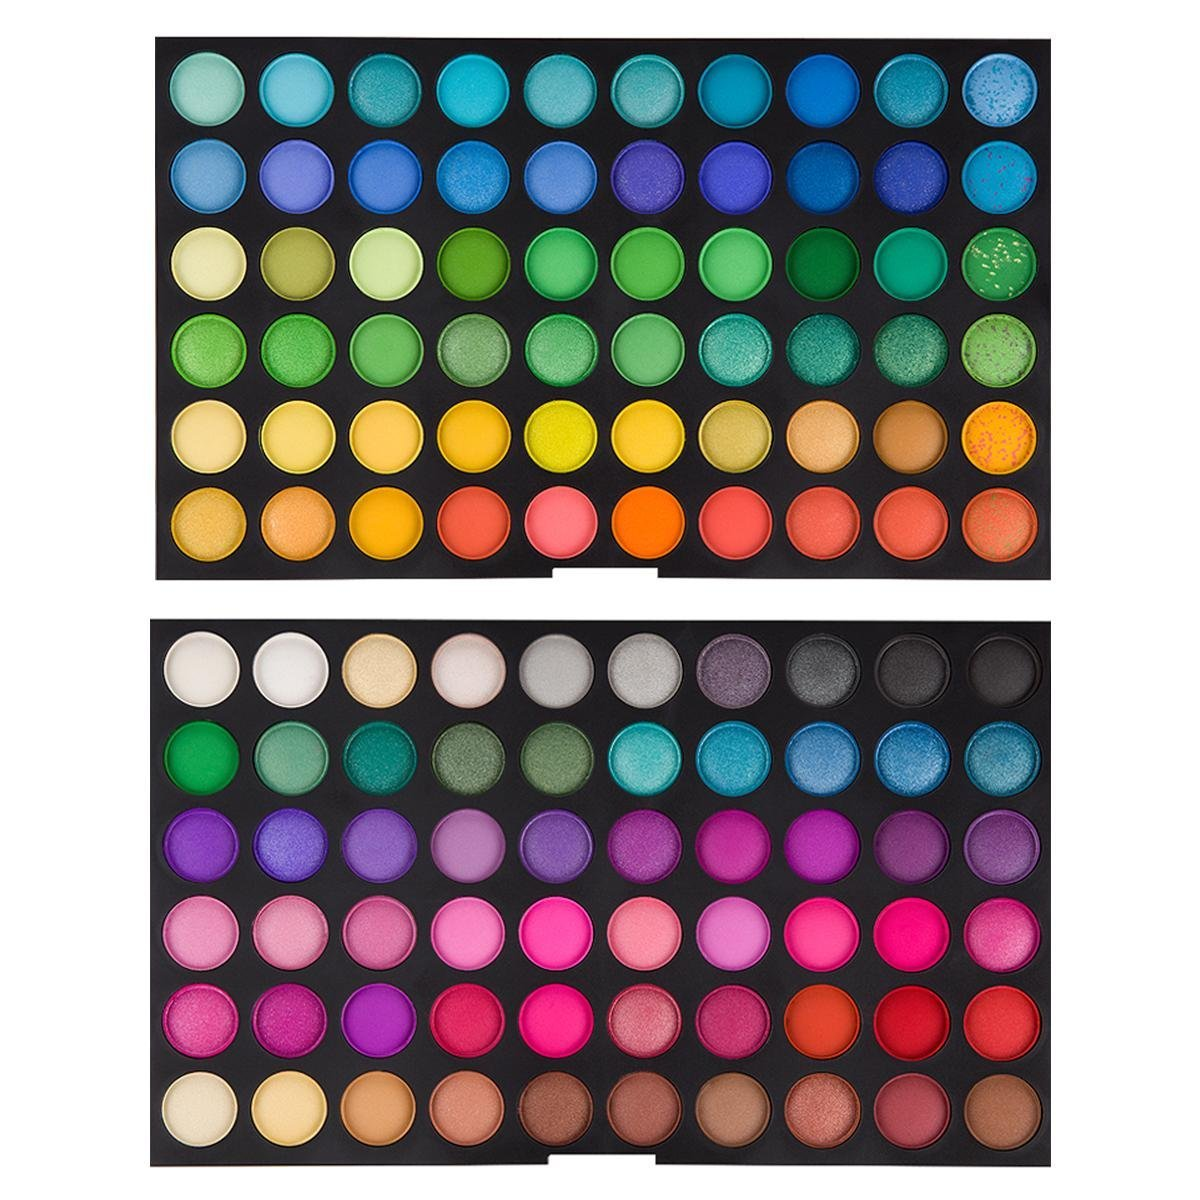 coastal scents 120 color eye shadow palette. Black Bedroom Furniture Sets. Home Design Ideas